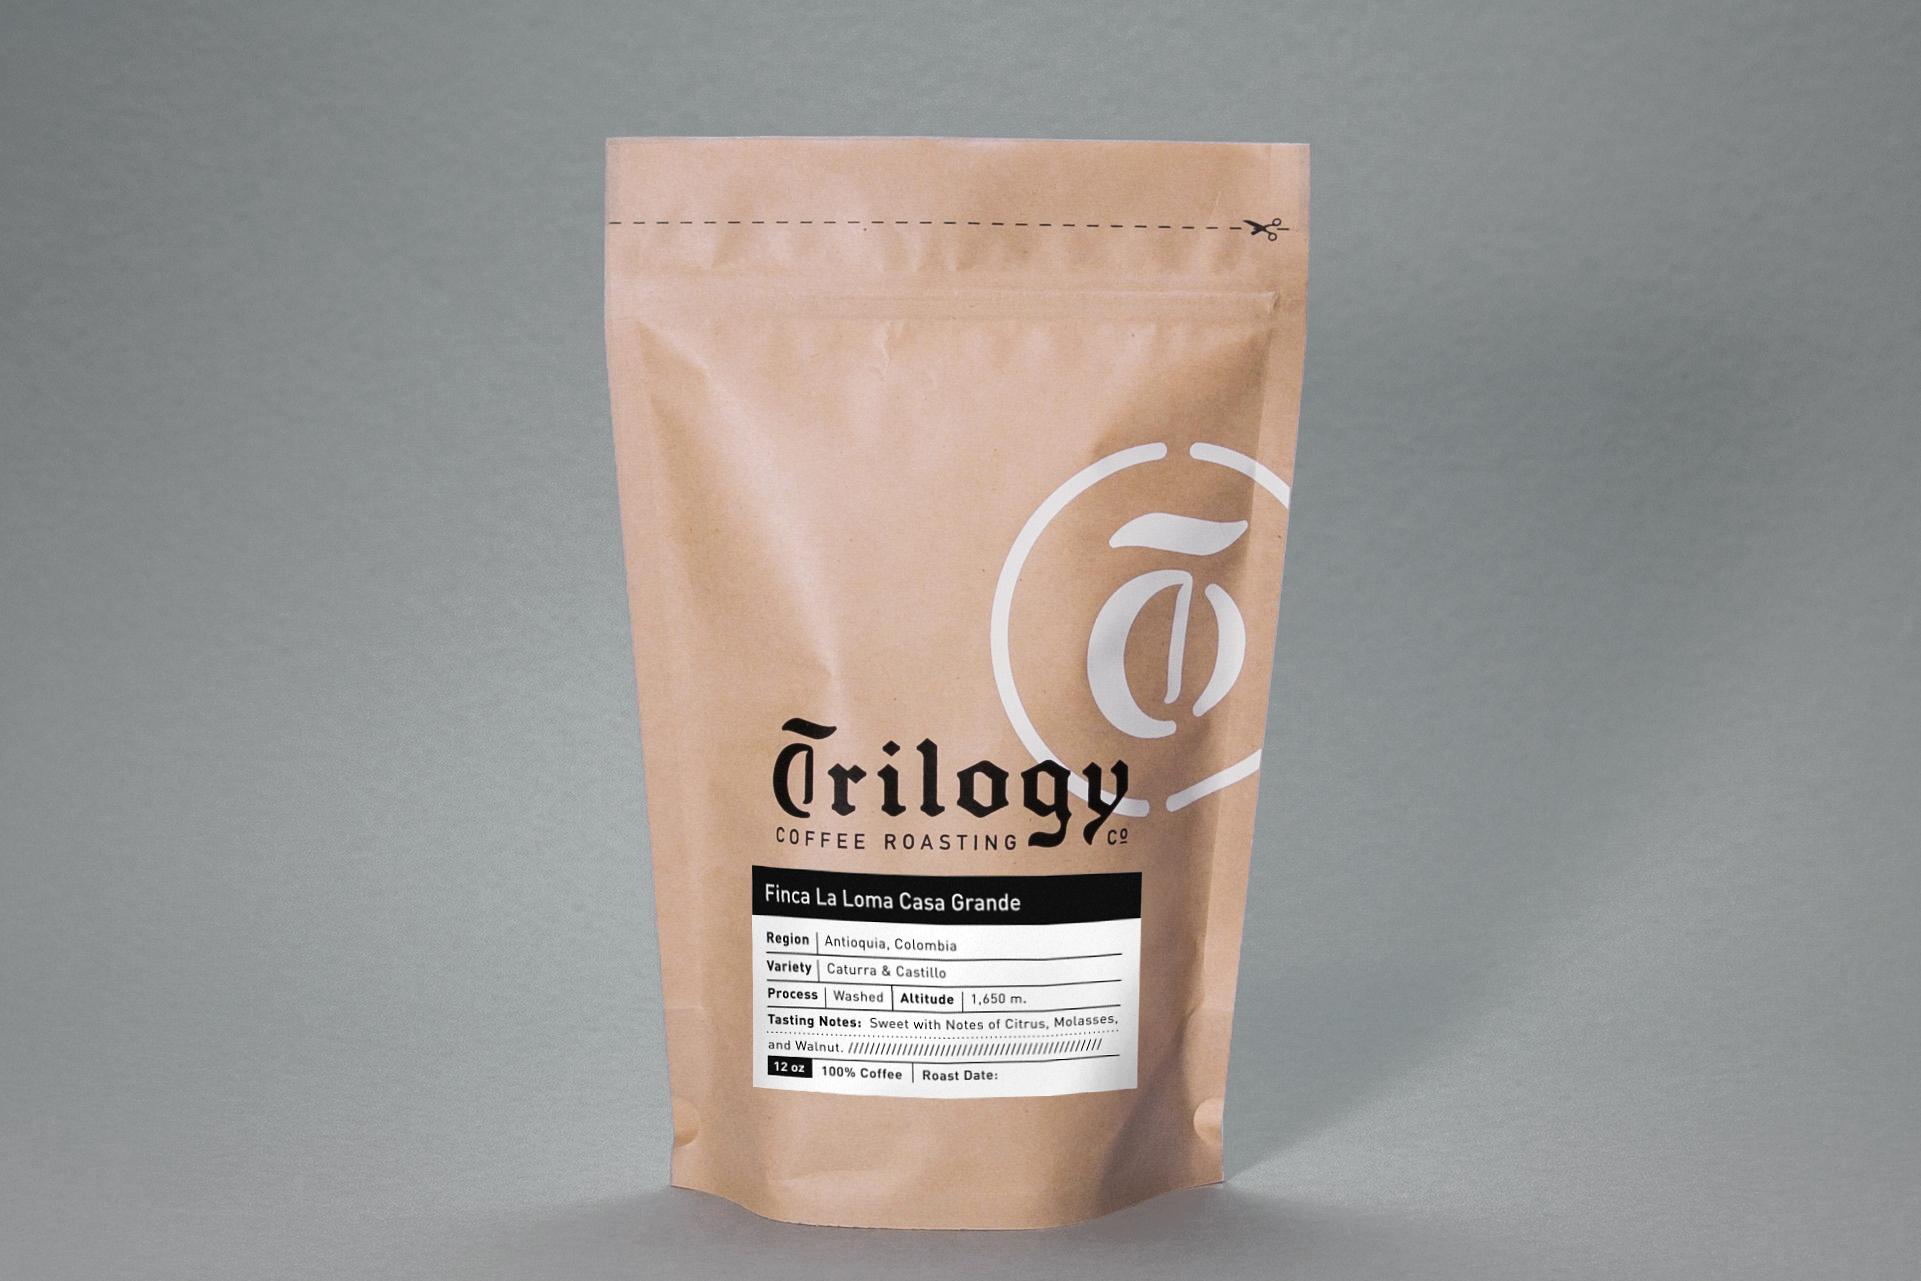 trilogy_label_bag_site2.jpg